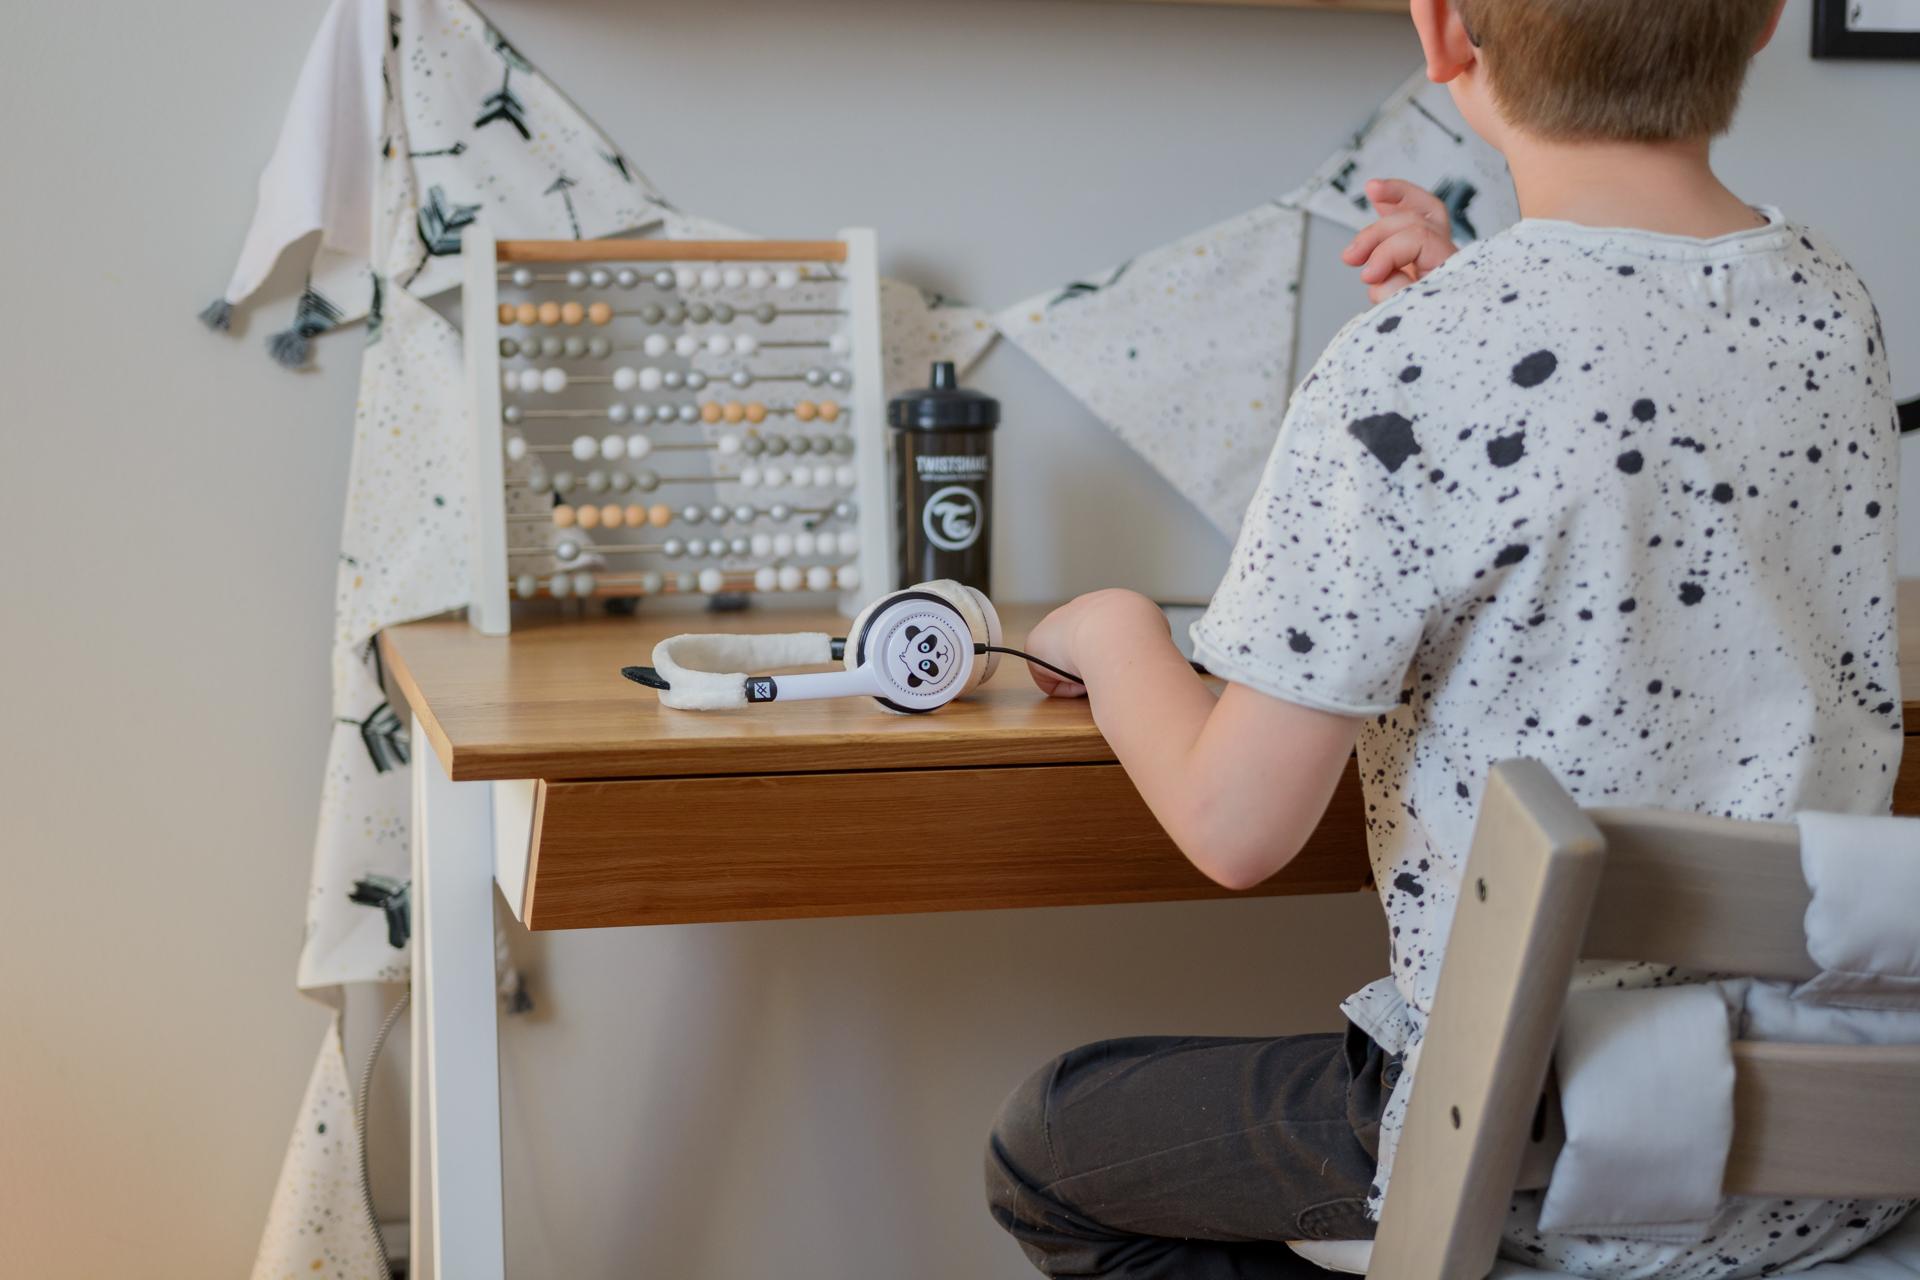 biurco, postawa dziecka przy biurku